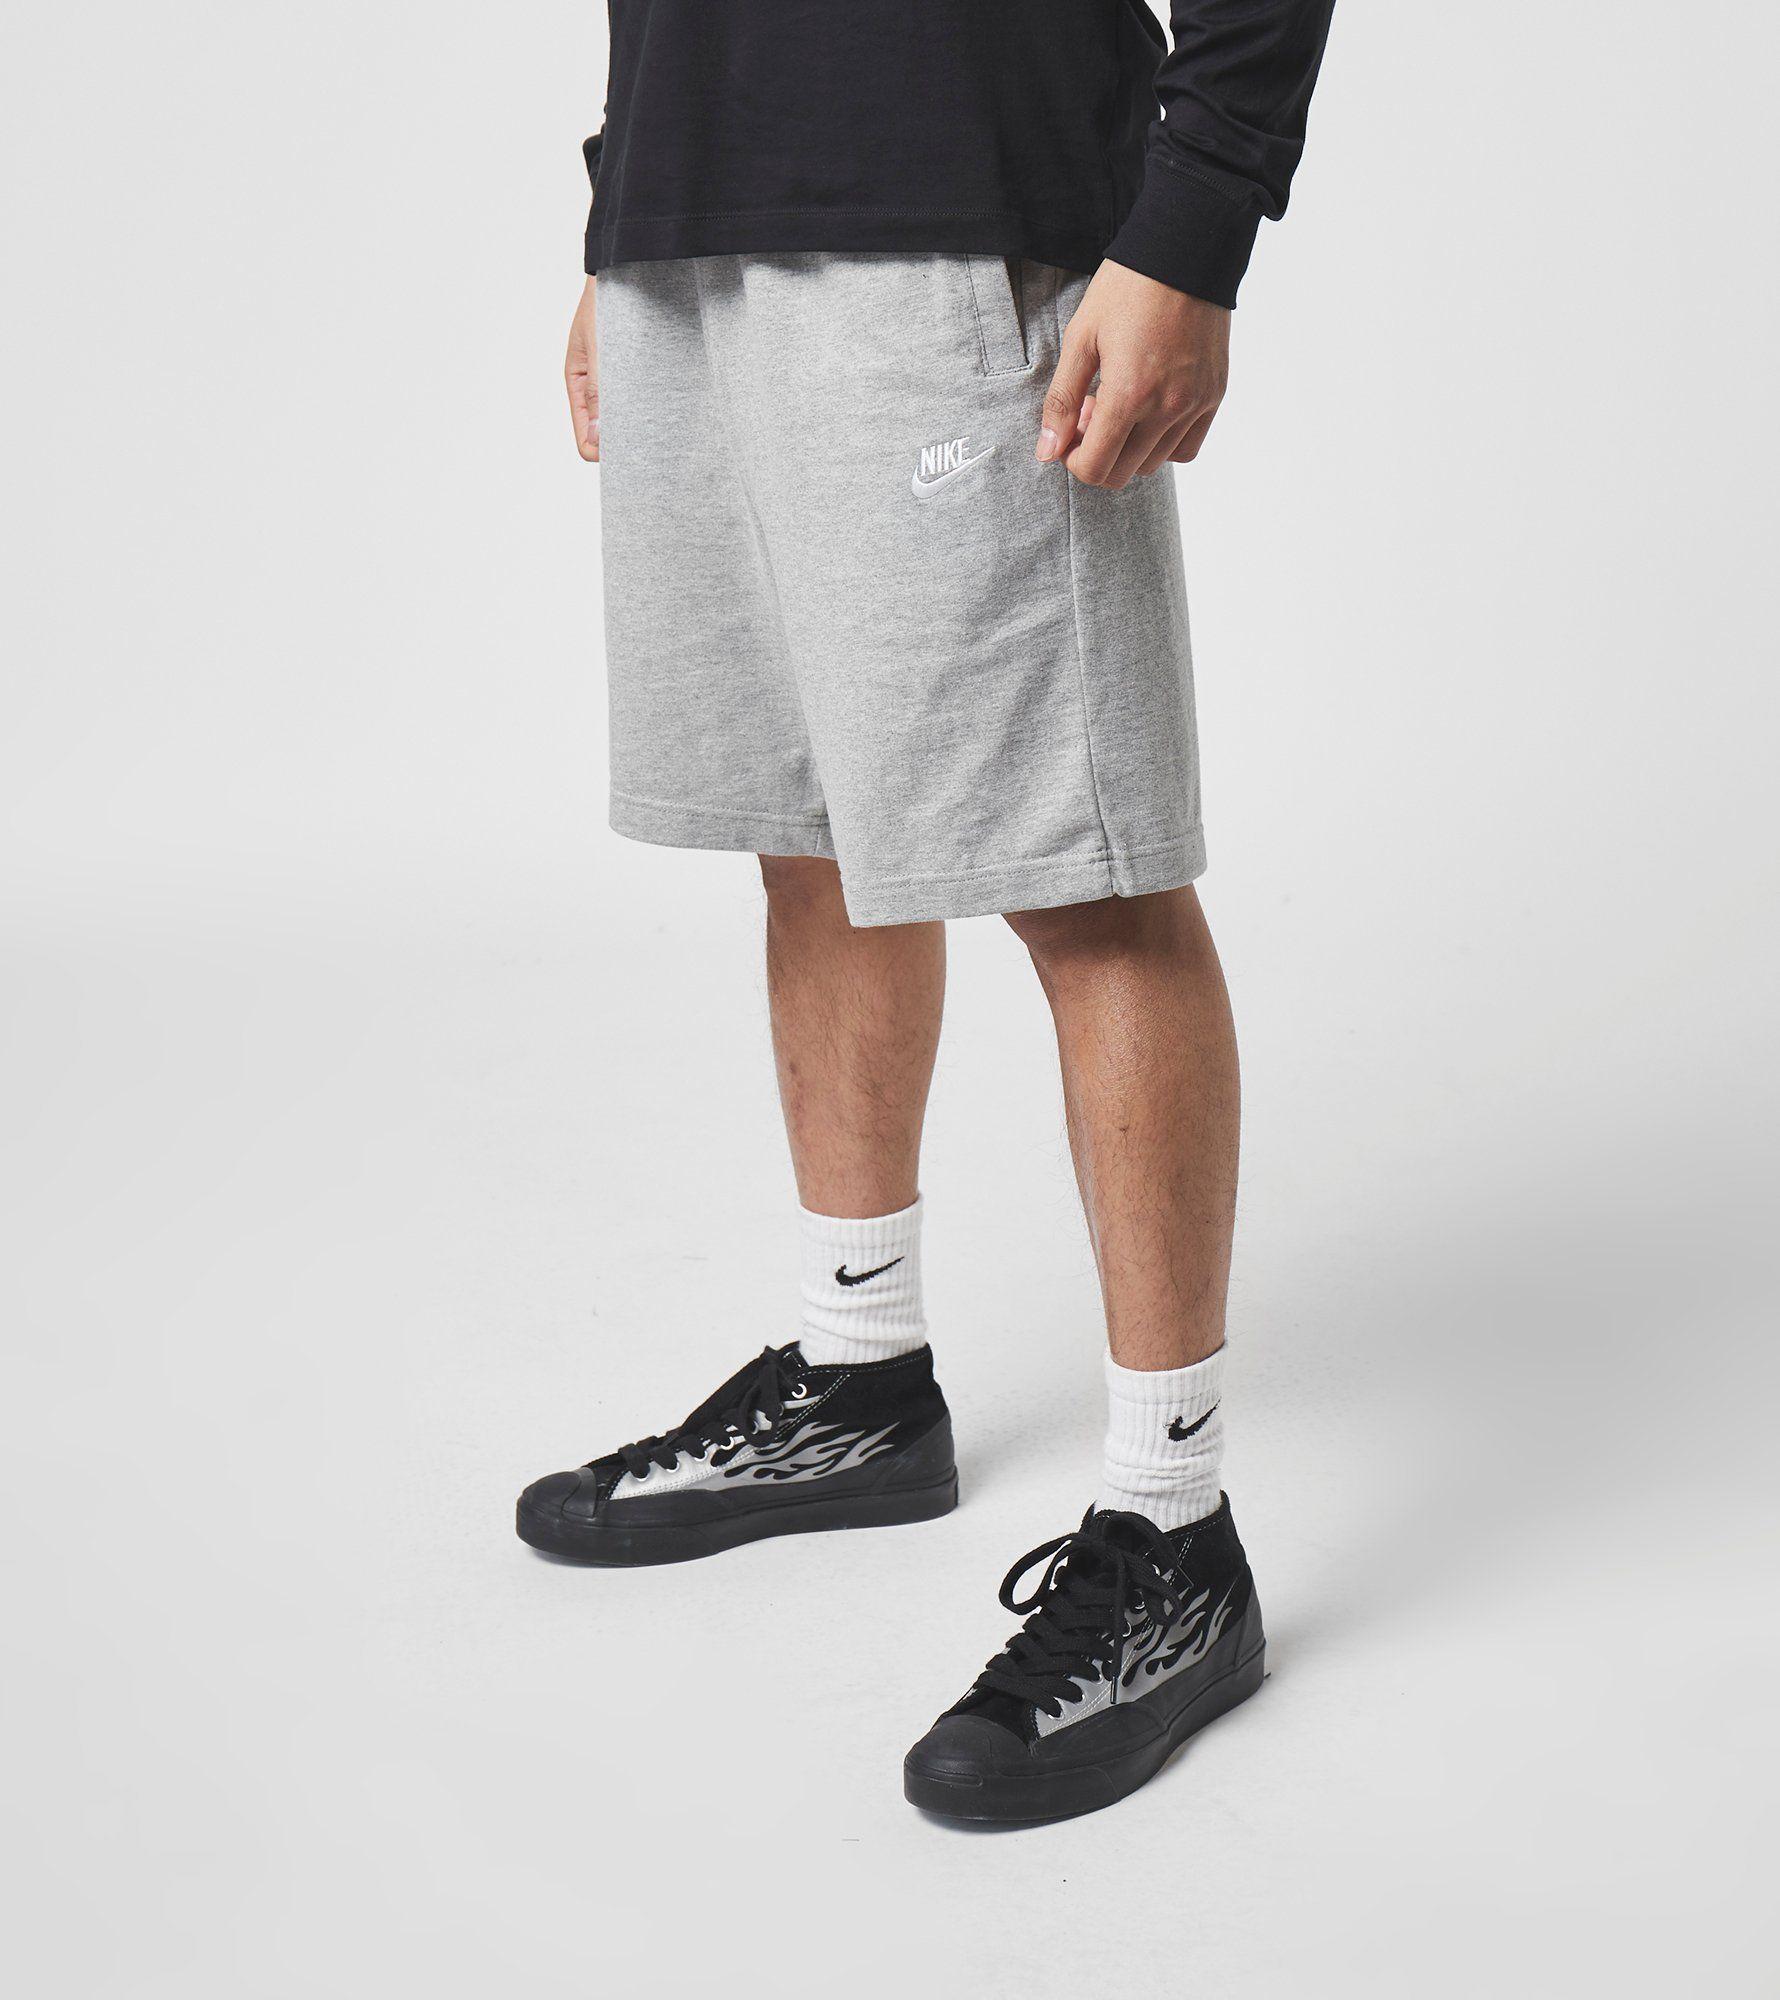 ecddadd79 Nike Club Shorts